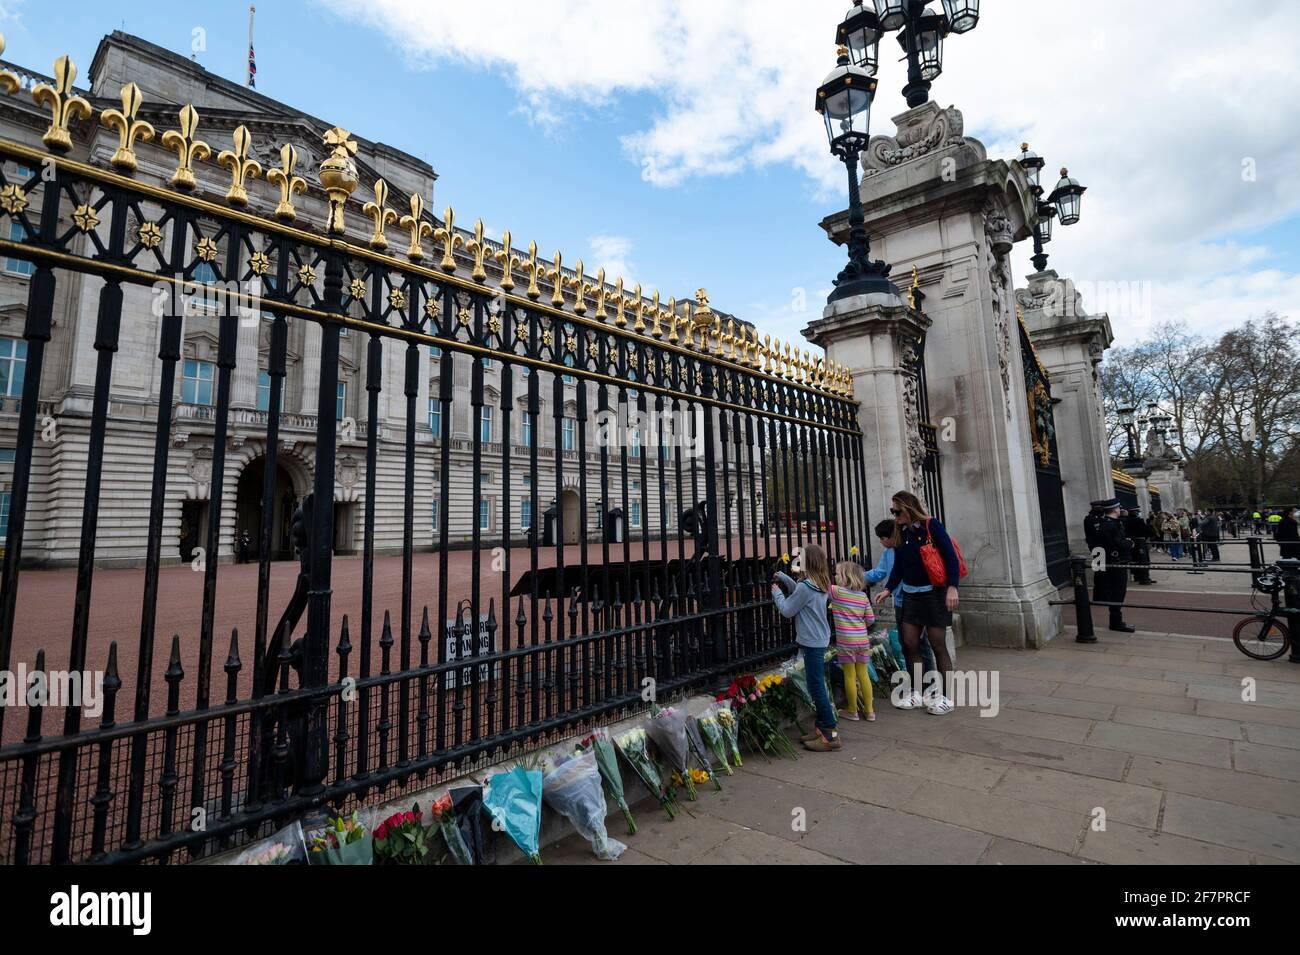 Londra, Regno Unito. 9 Apr 2021. Bene i wishers lasciano i fiori fuori Buckingham Palace dopo che la morte del principe Filippo, di età 99 anni, è stata annunciata. Credit: Stephen Chung/Alamy Live News Foto Stock